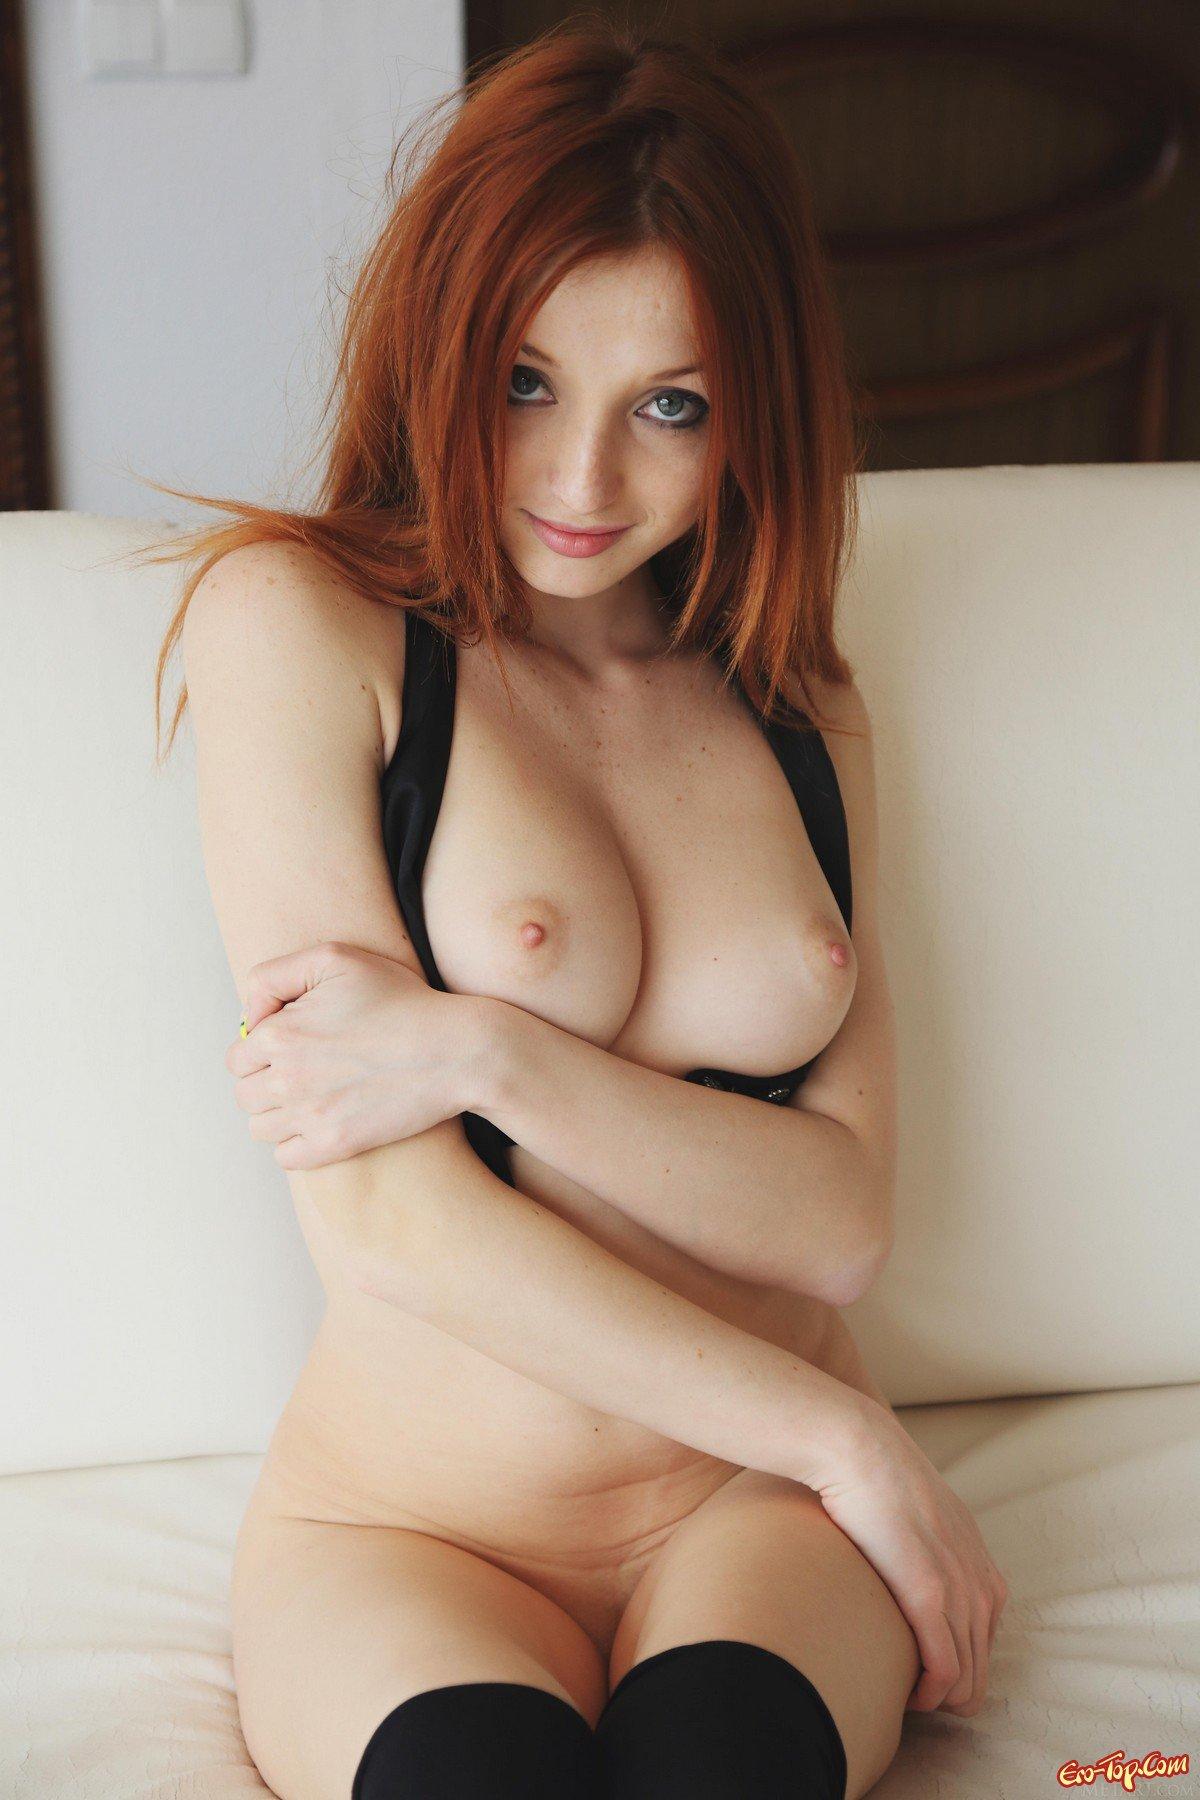 эротические фото грудь 4 размера